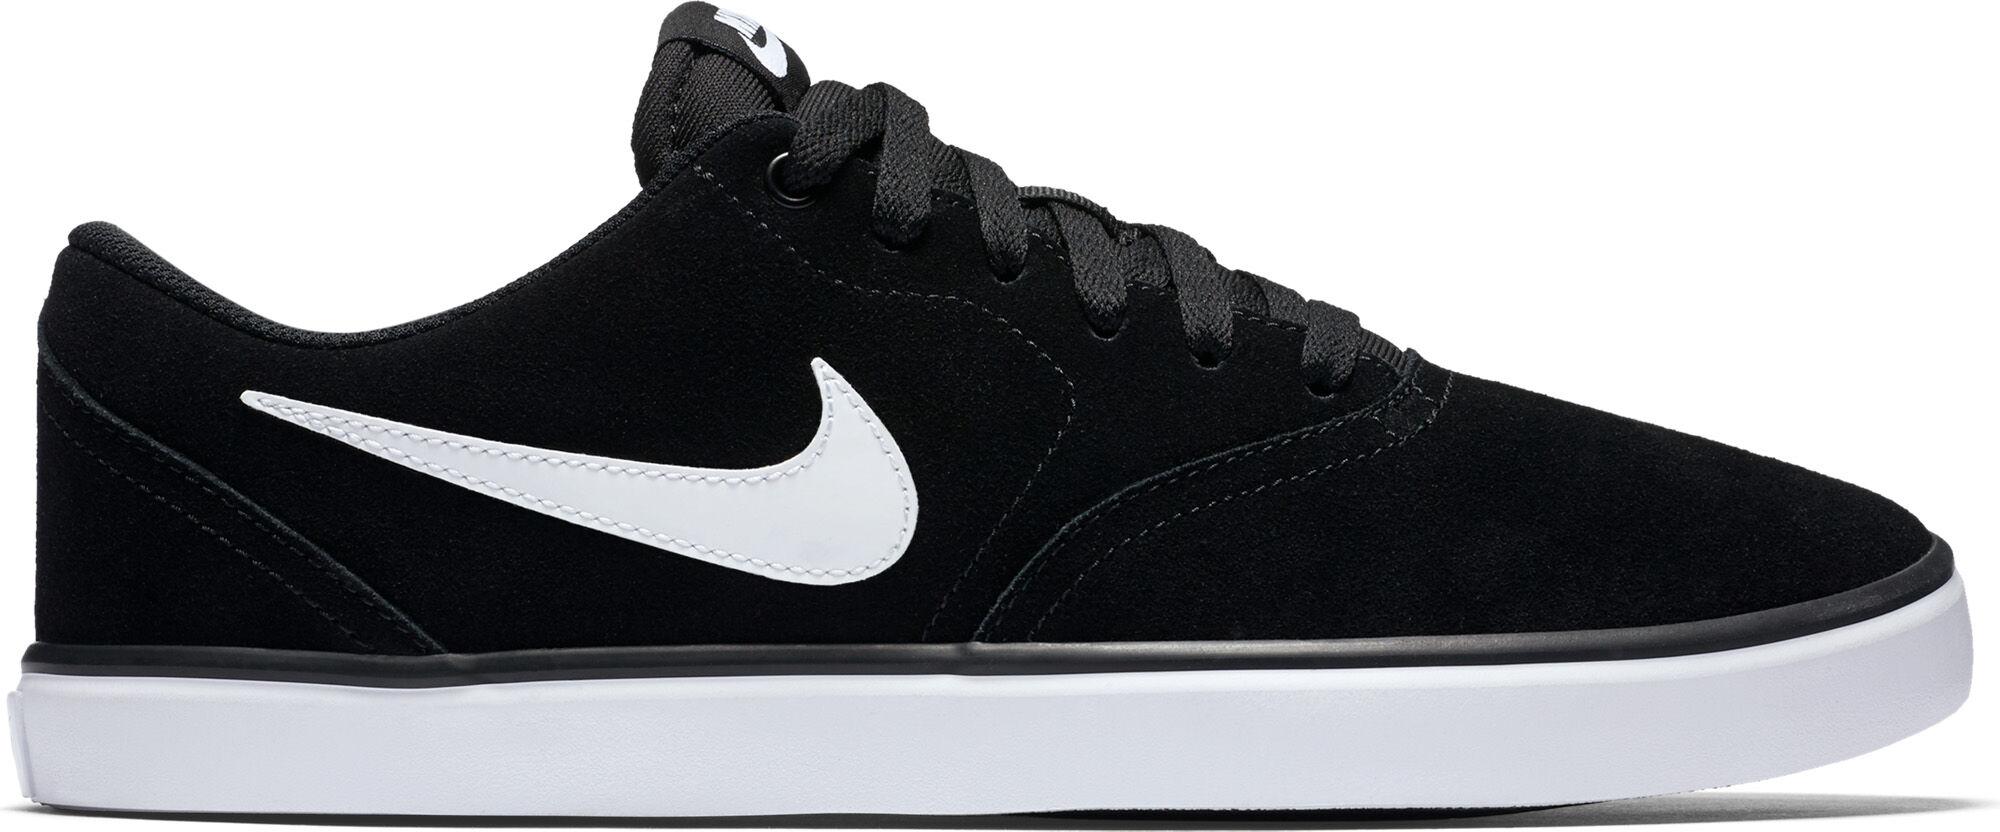 És CipőkSzéles Márkák Nike Az Férfi Választék Legjobb Utcai A rxoWBdCe